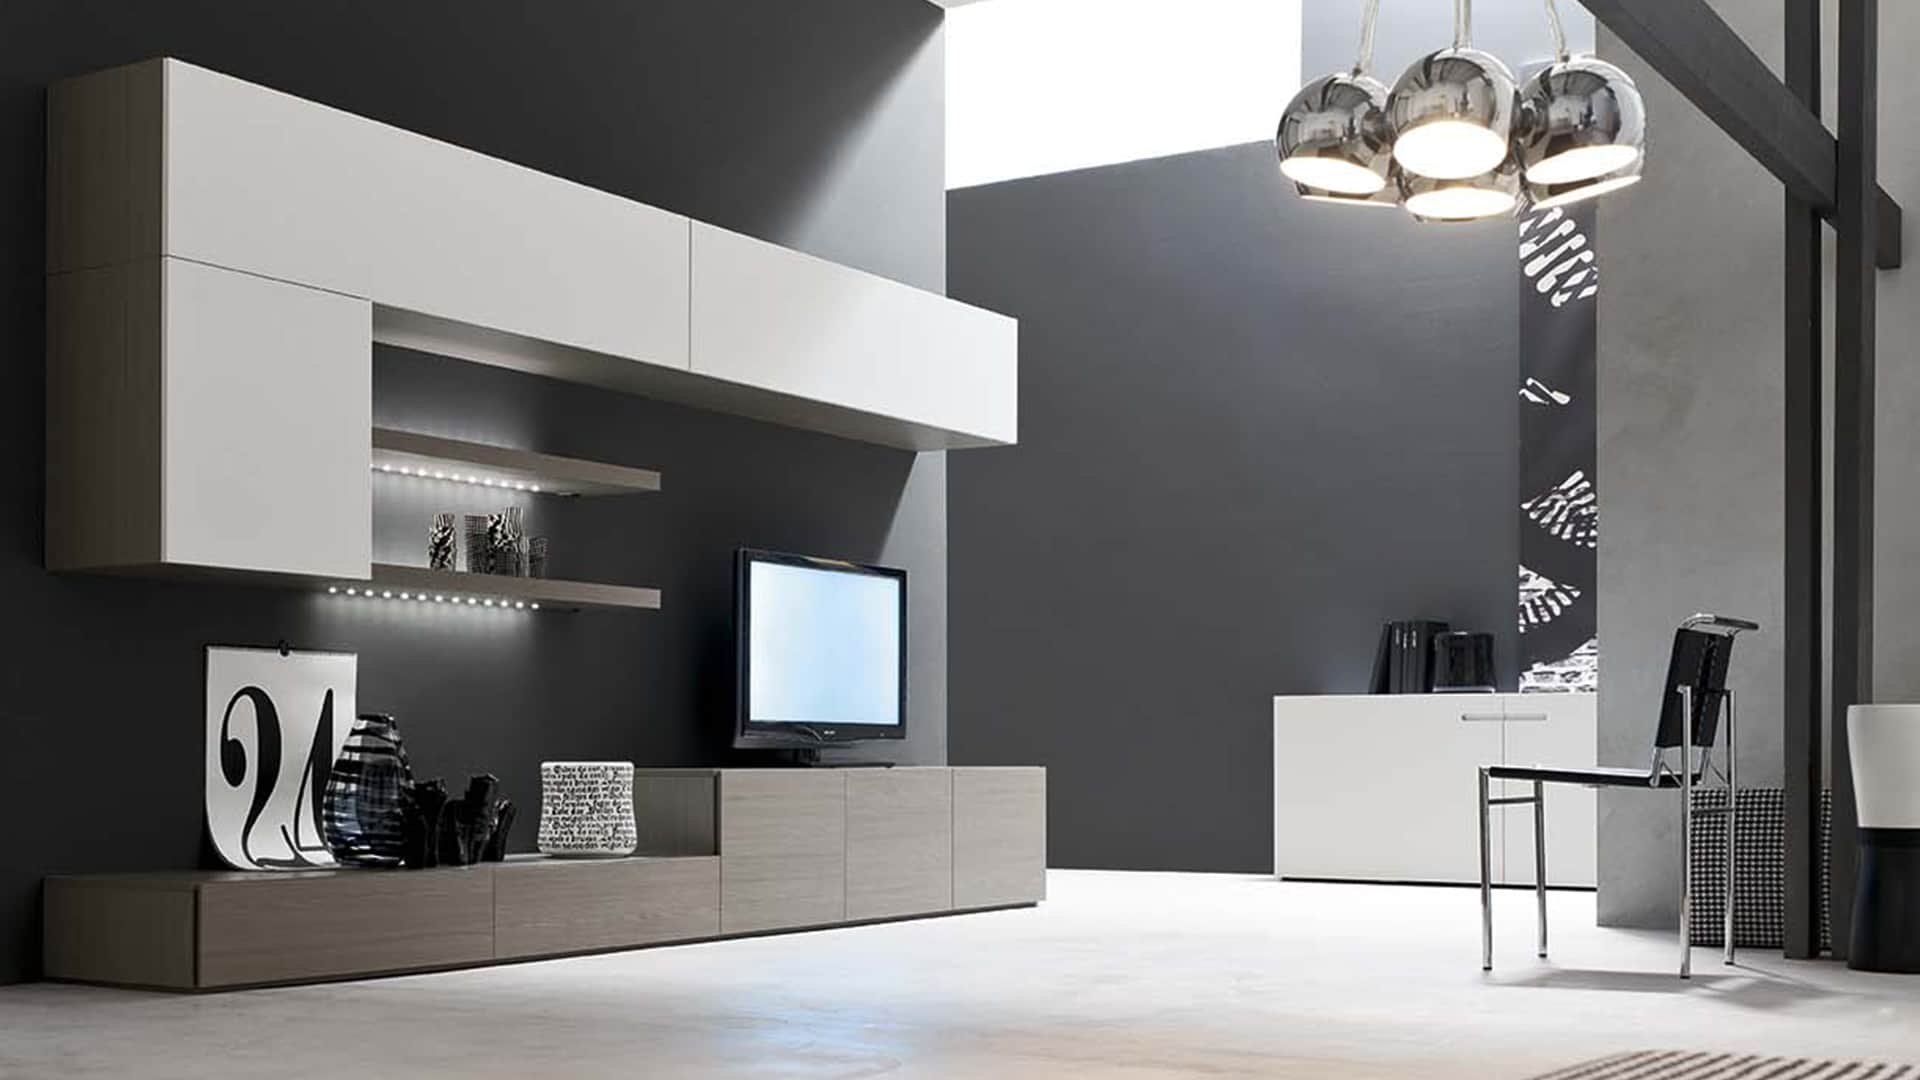 Vendita di mobili per soggiorno a padova mobili da Mobili per la sala